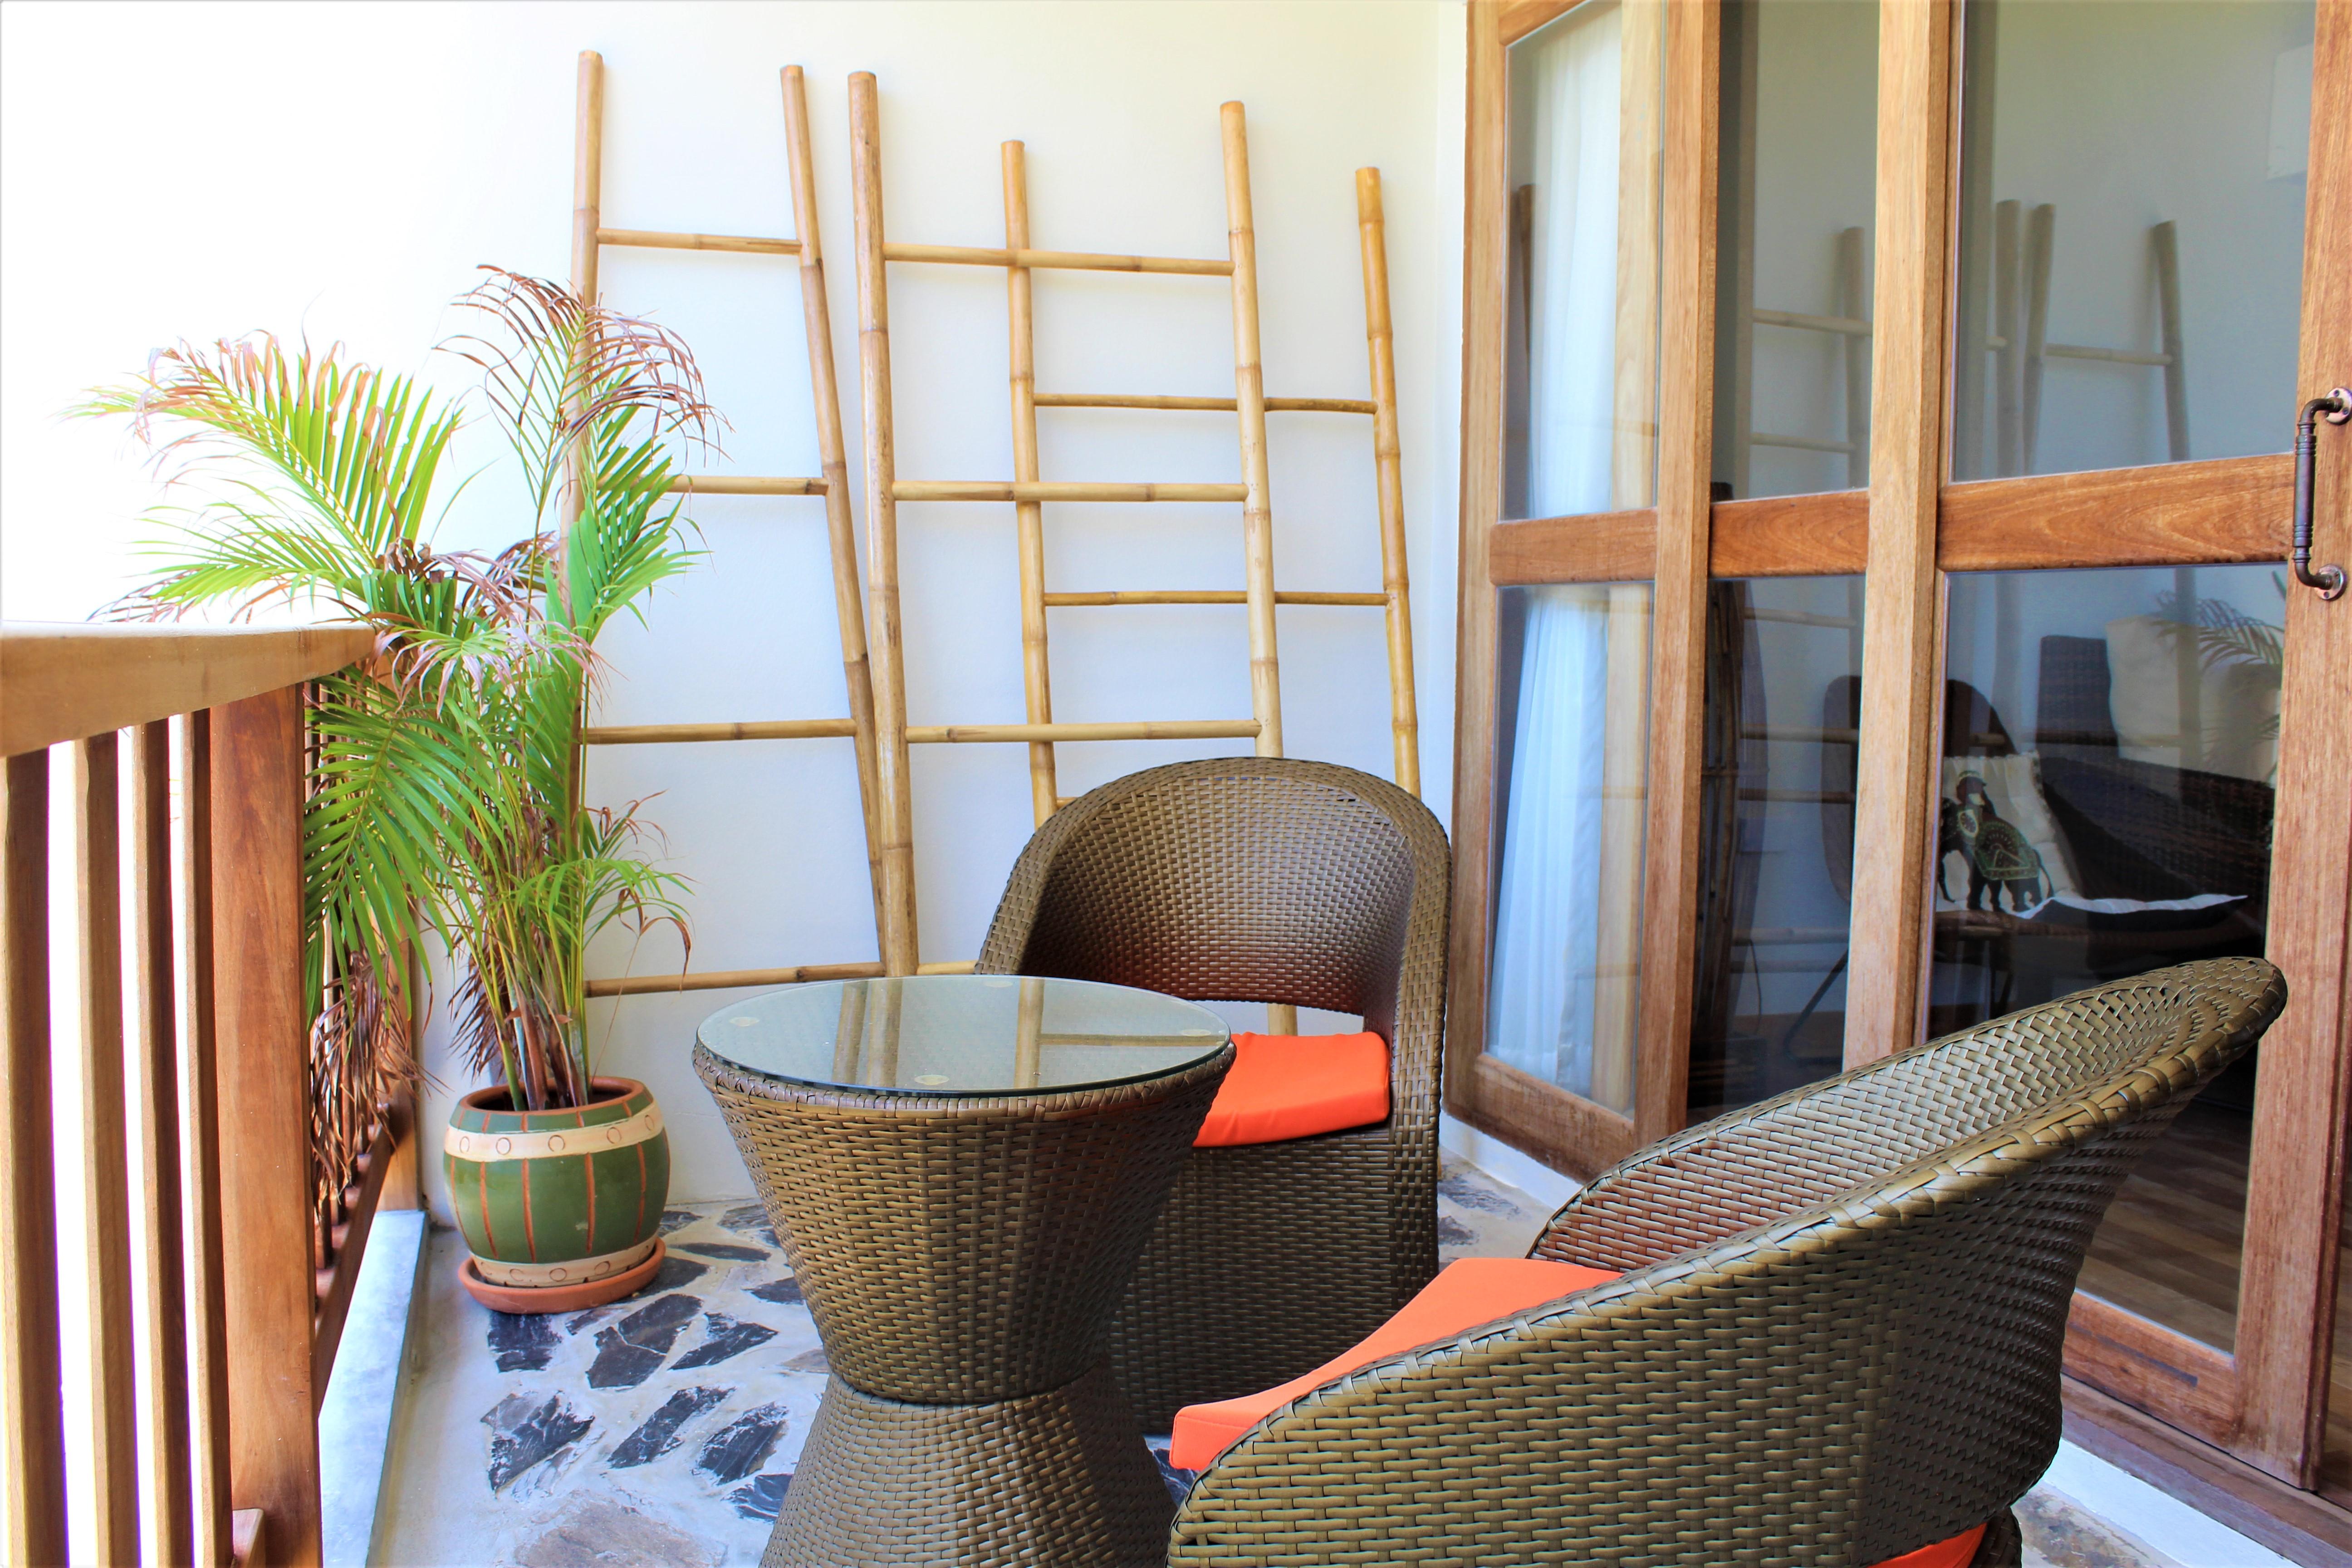 Sittplats på balkongen